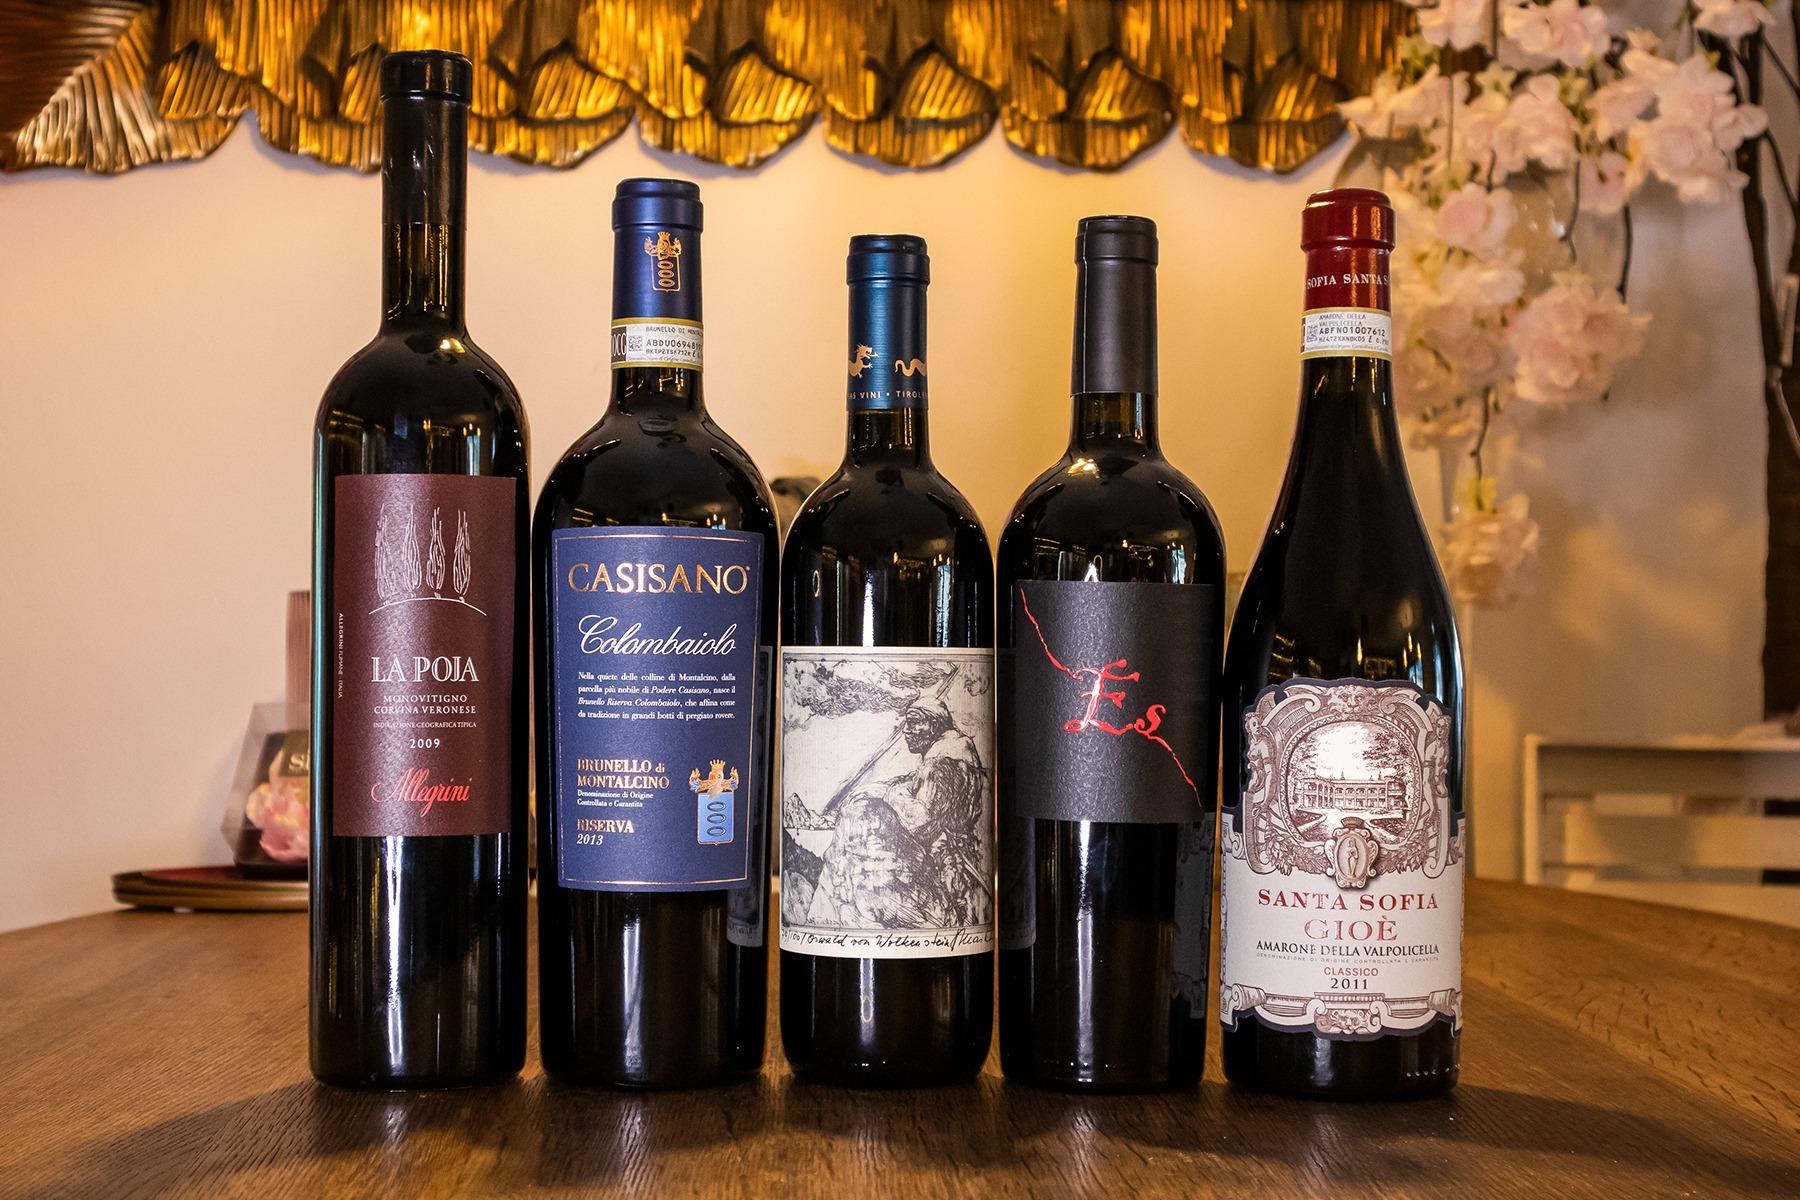 You are currently viewing Teurer Wein – 5 Weine über 50 Euro, die du probiert haben solltest!